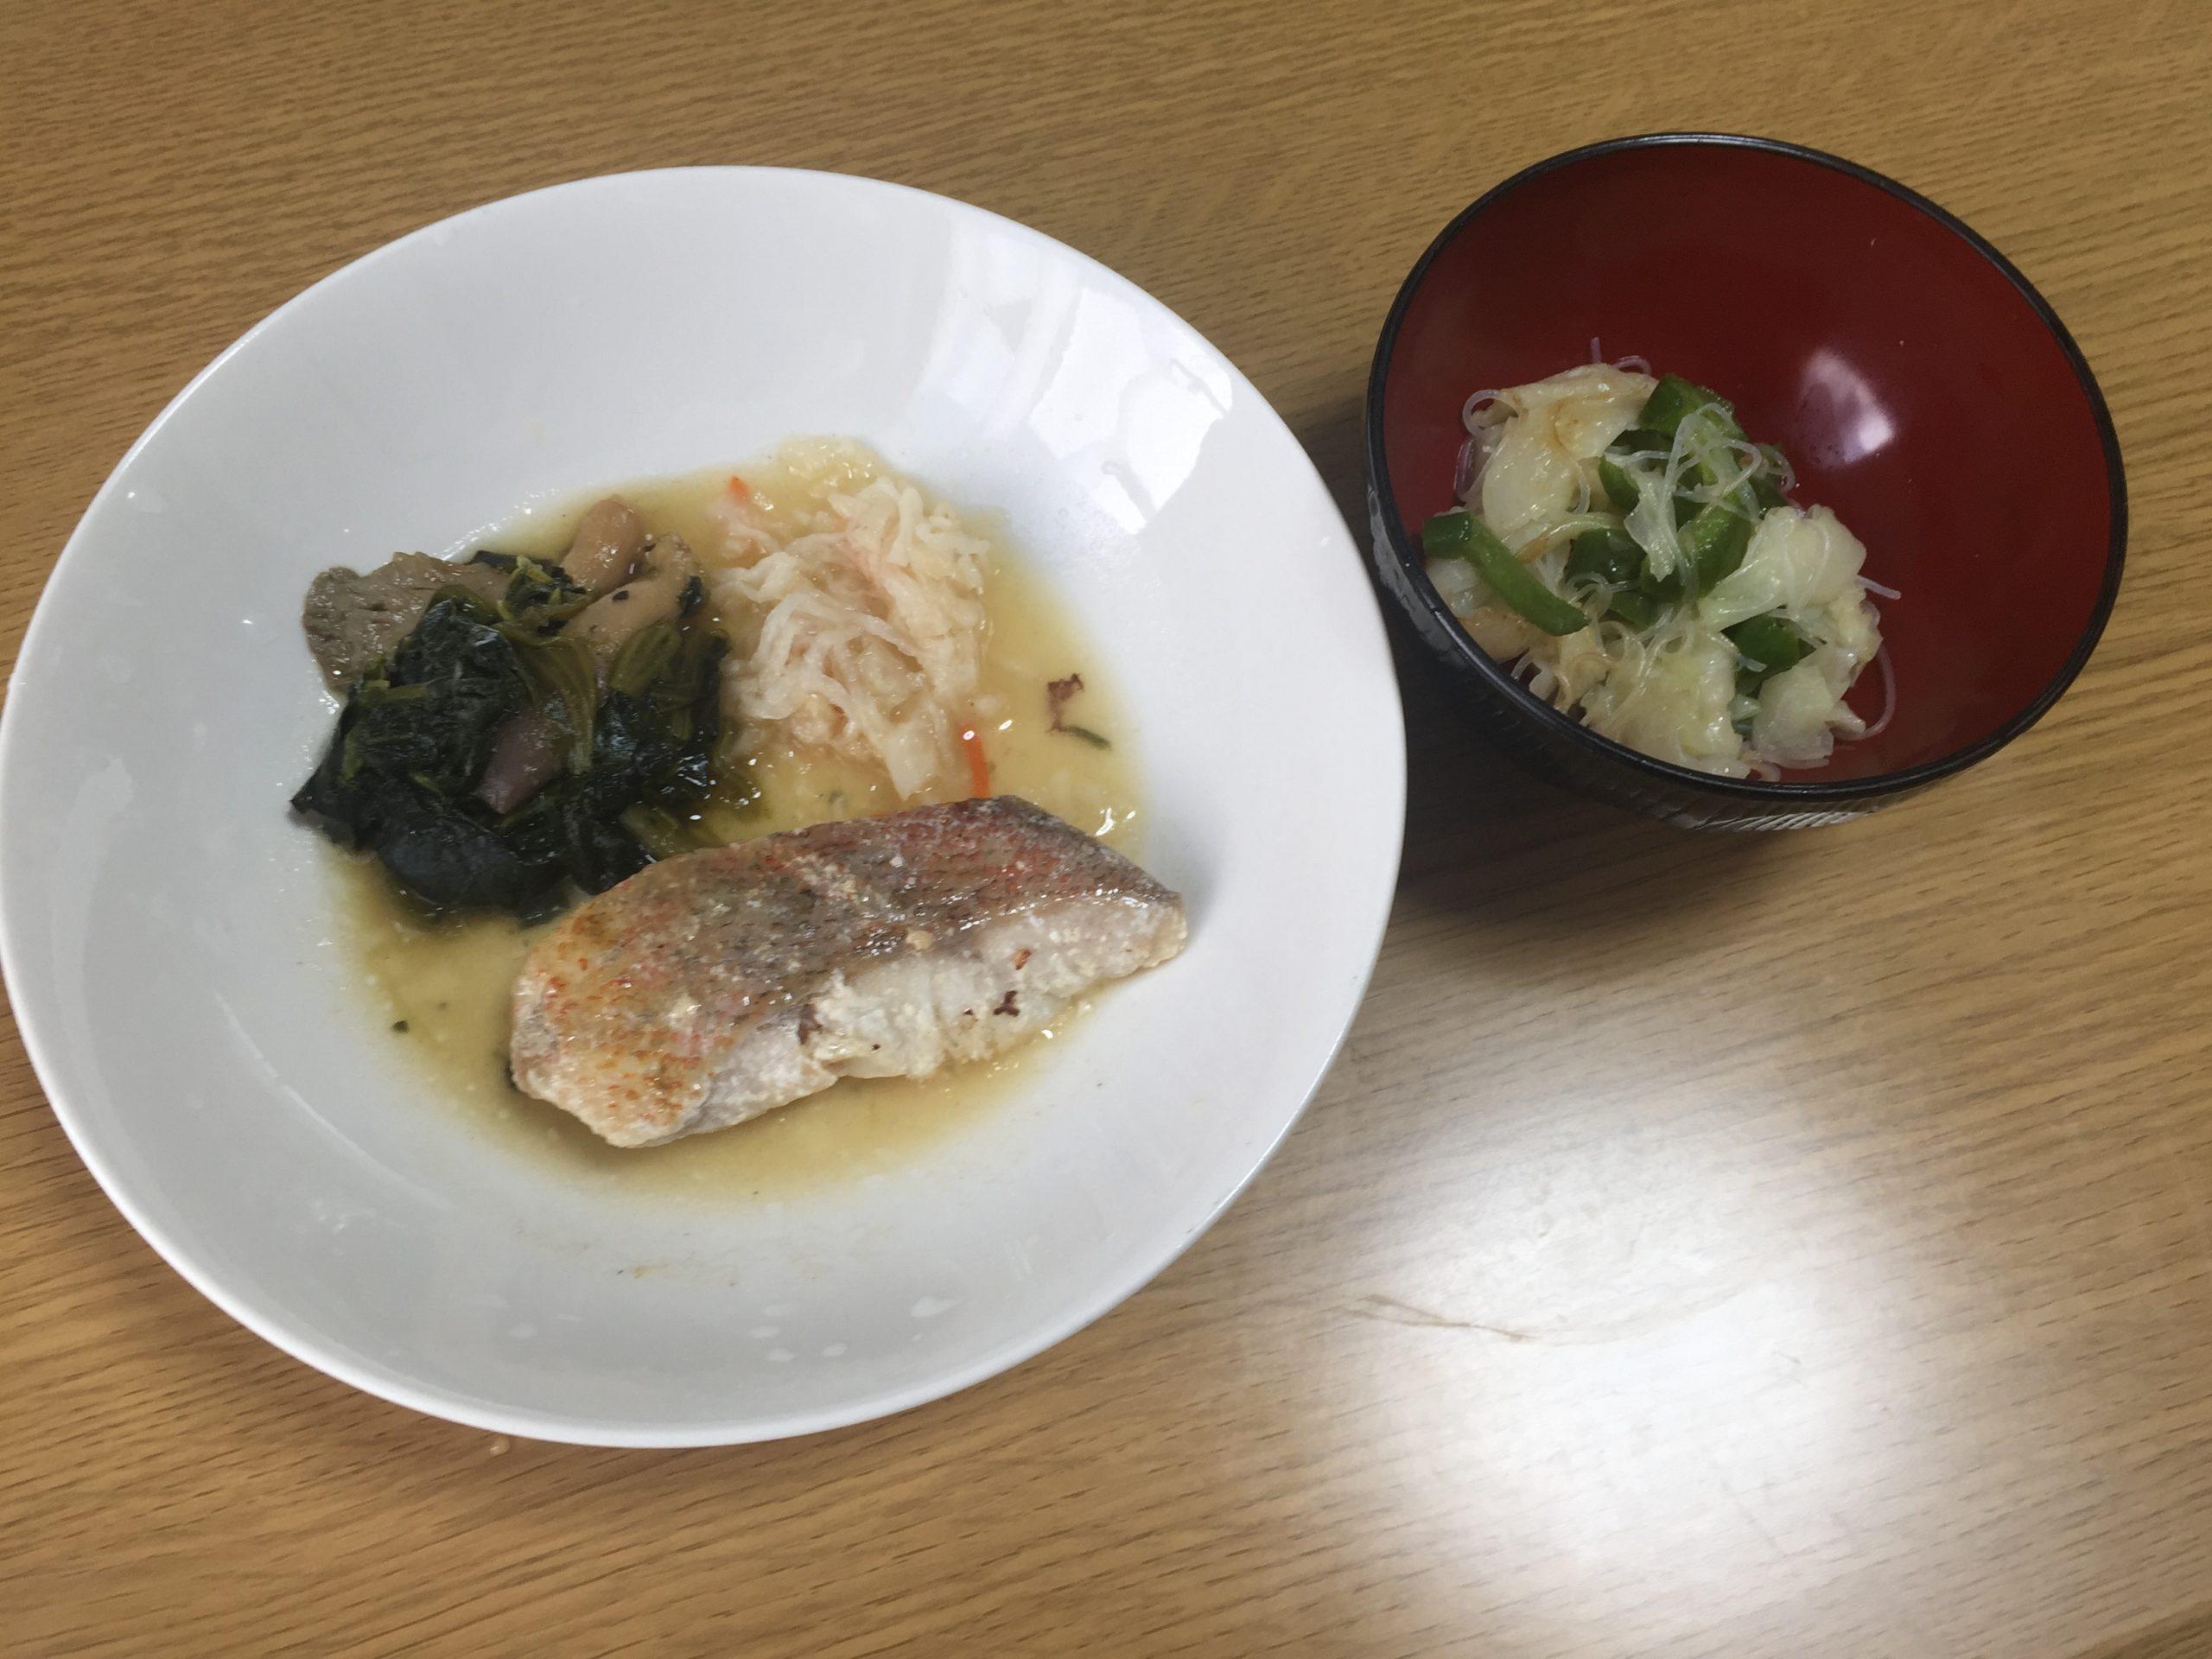 赤魚の粕漬焼きとビーフンの中華炒め